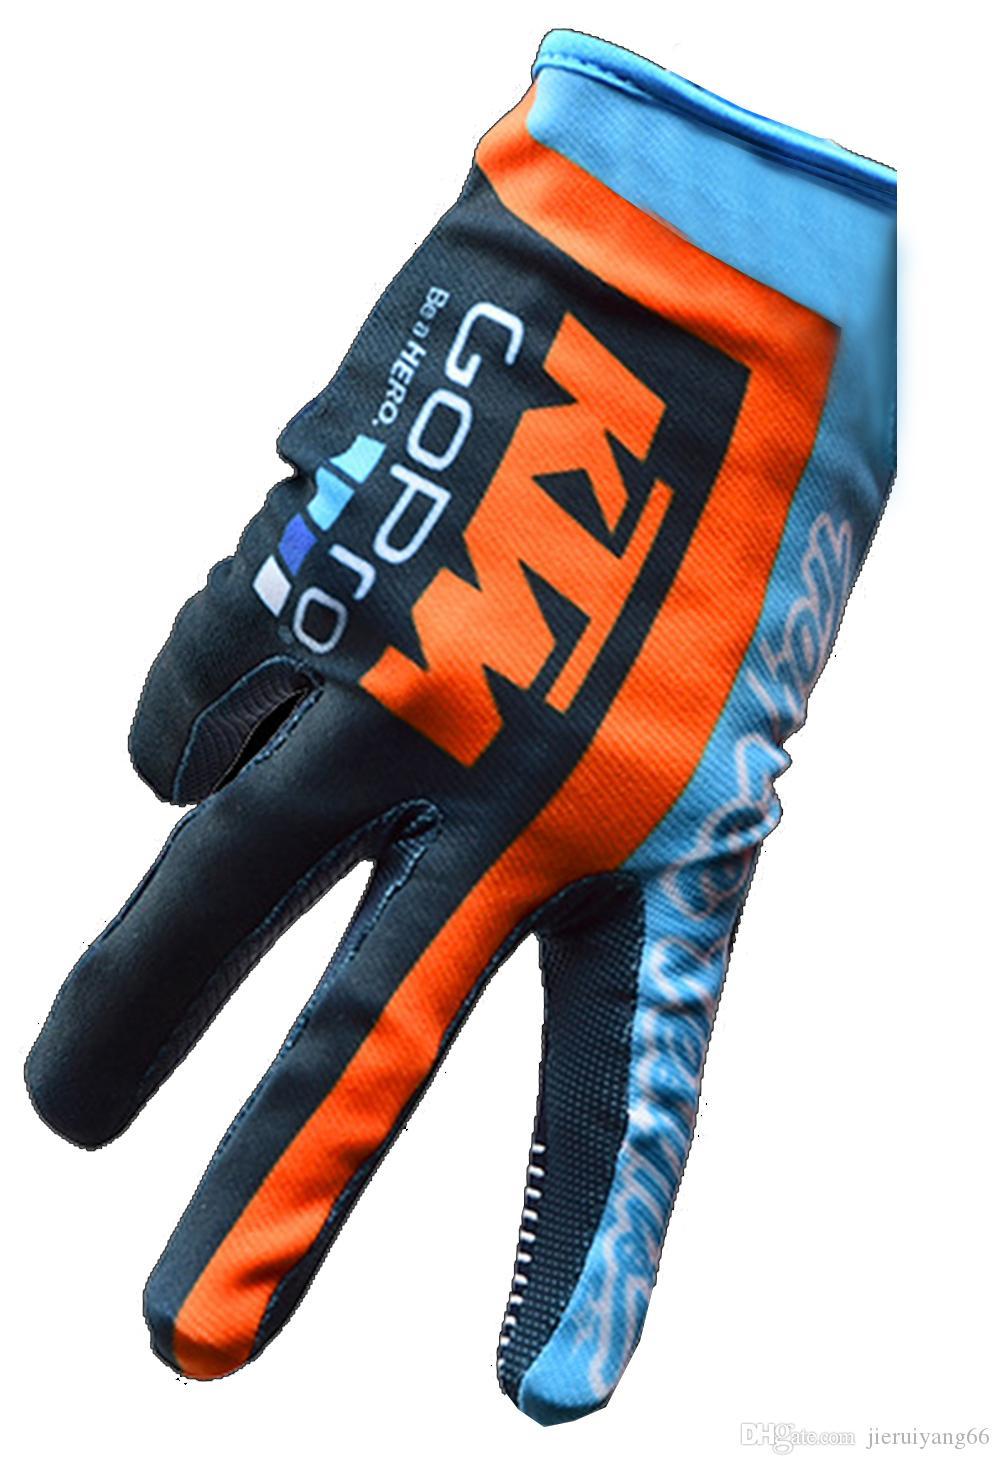 المهنية على الطرق الوعرة دراجة نارية قفازات الأكثر مبيعا KTM MOTO انحدار الجبل الرجال الدراجة قفازات الأصابع كامل ركوب الخيل والسباقات